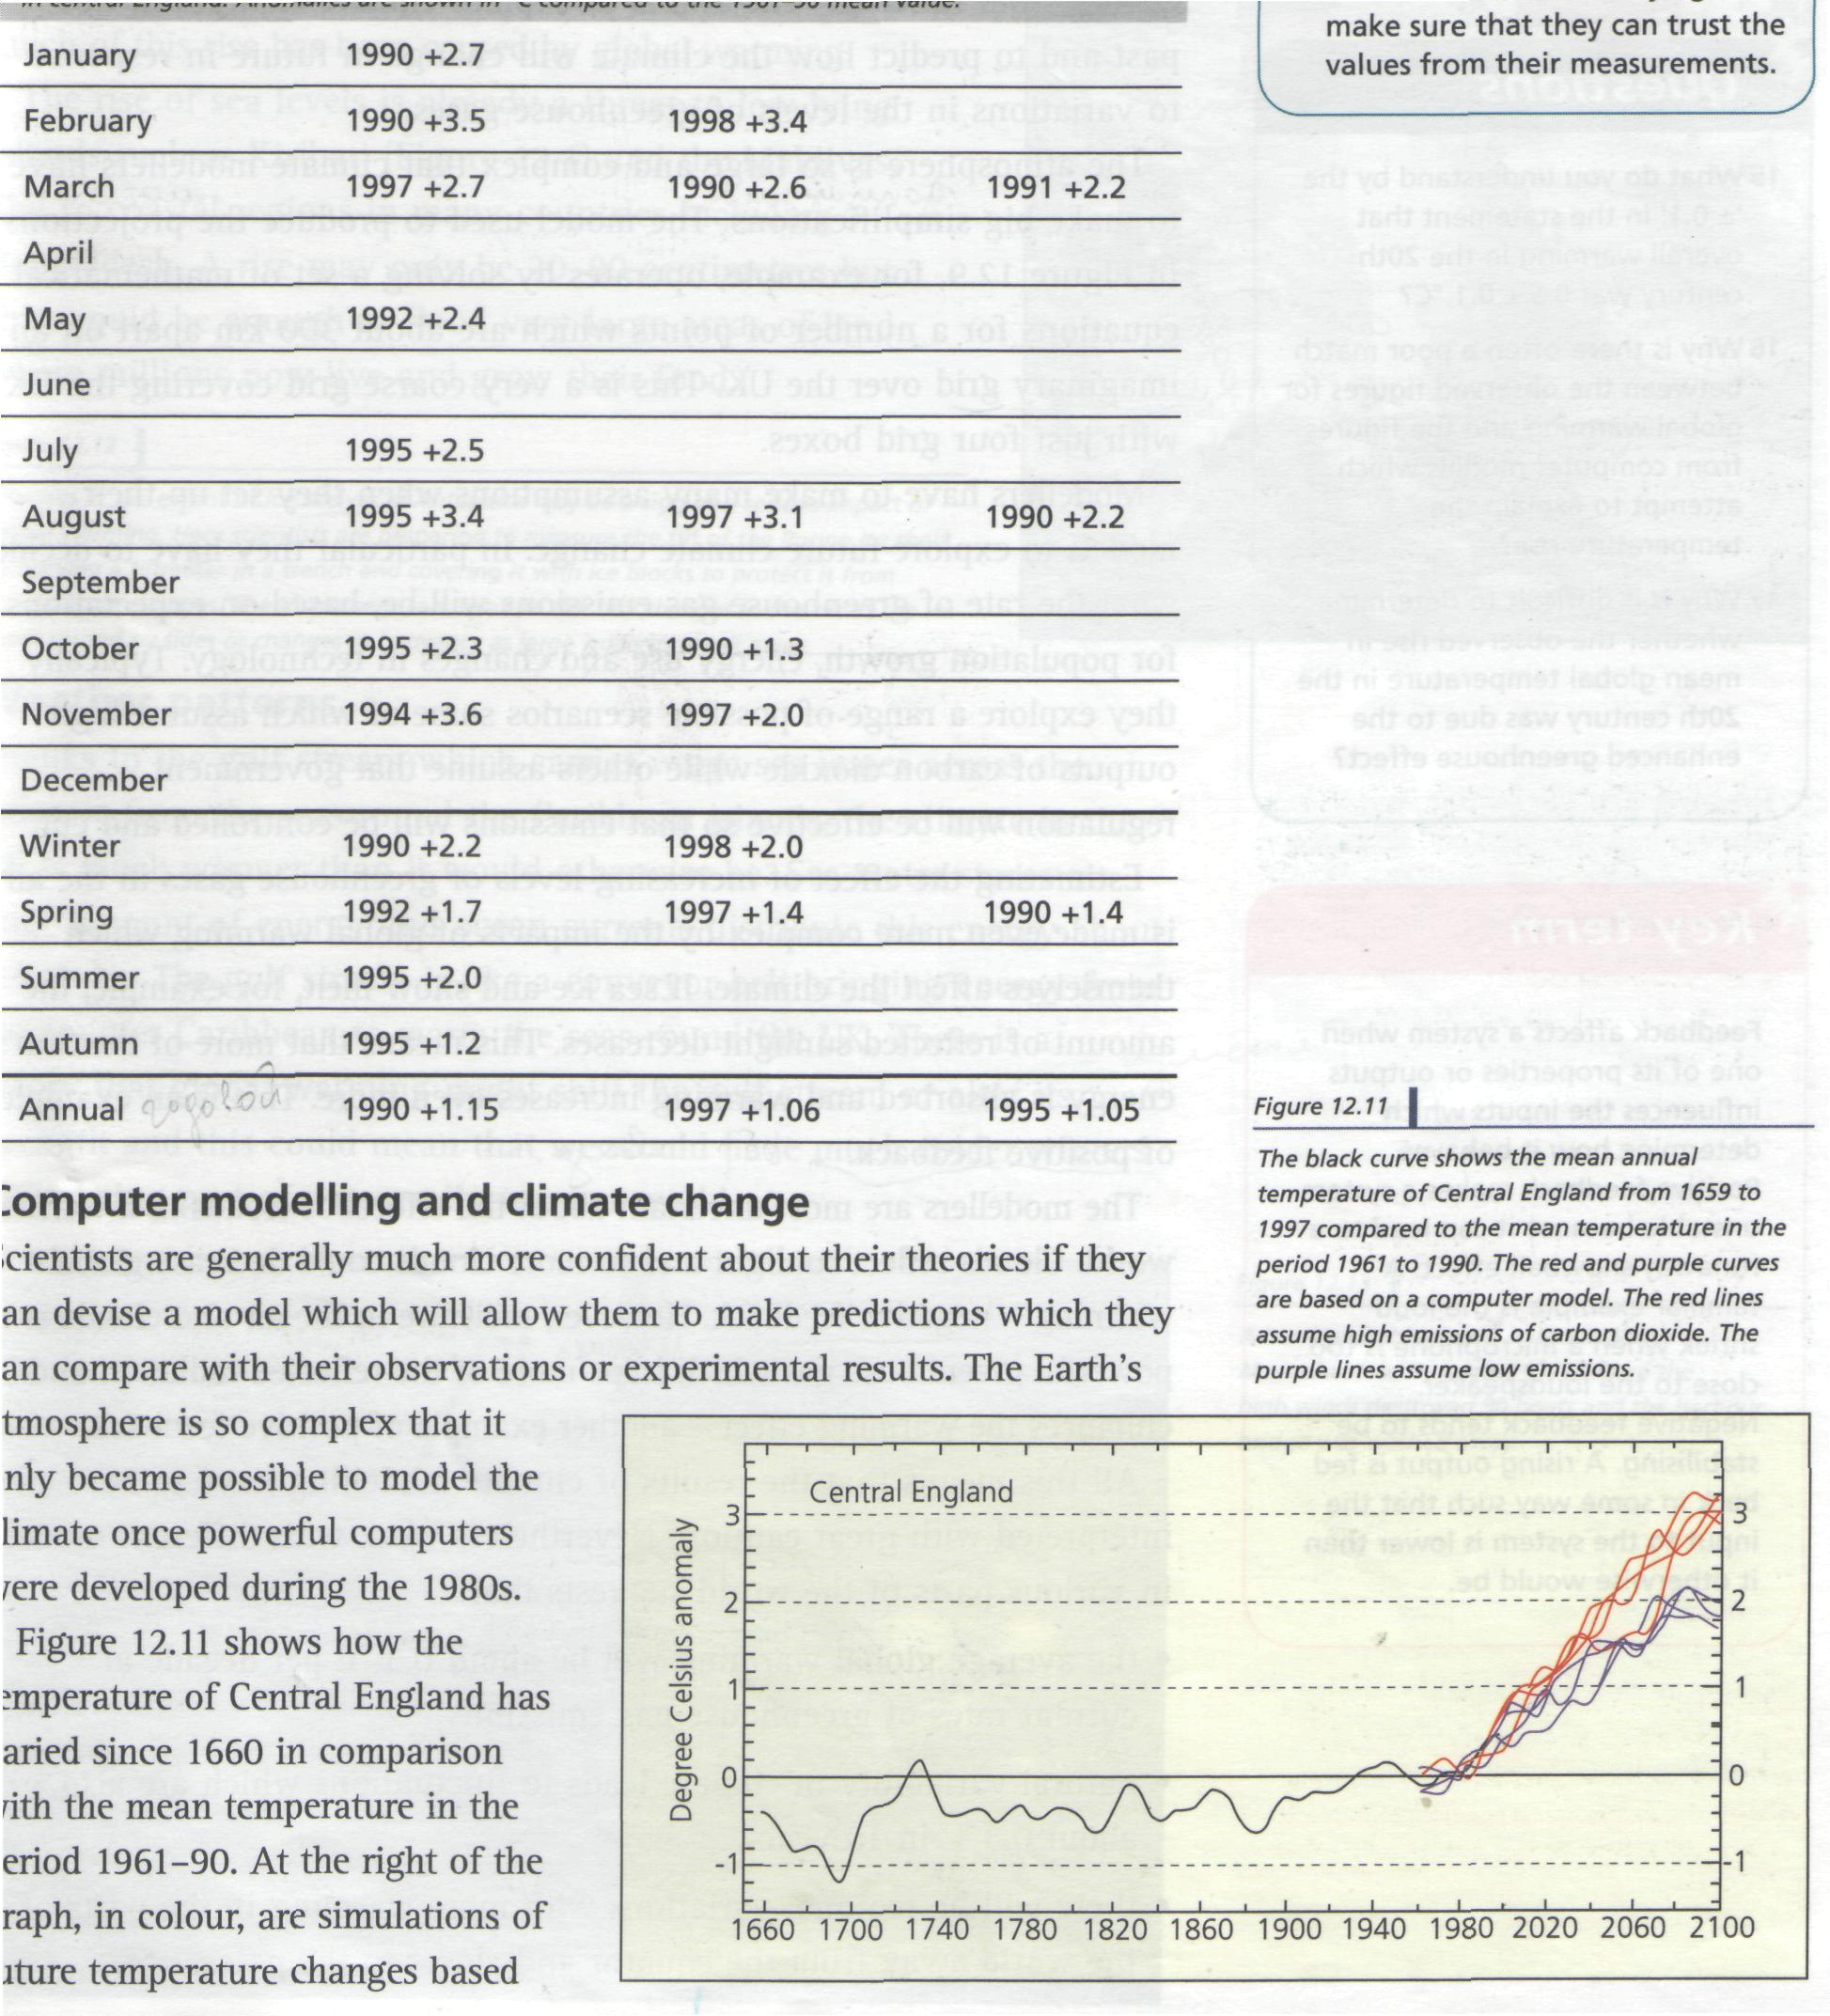 Решебник по физике сборник задач рымкевич 10-11 класс 1984 скачать